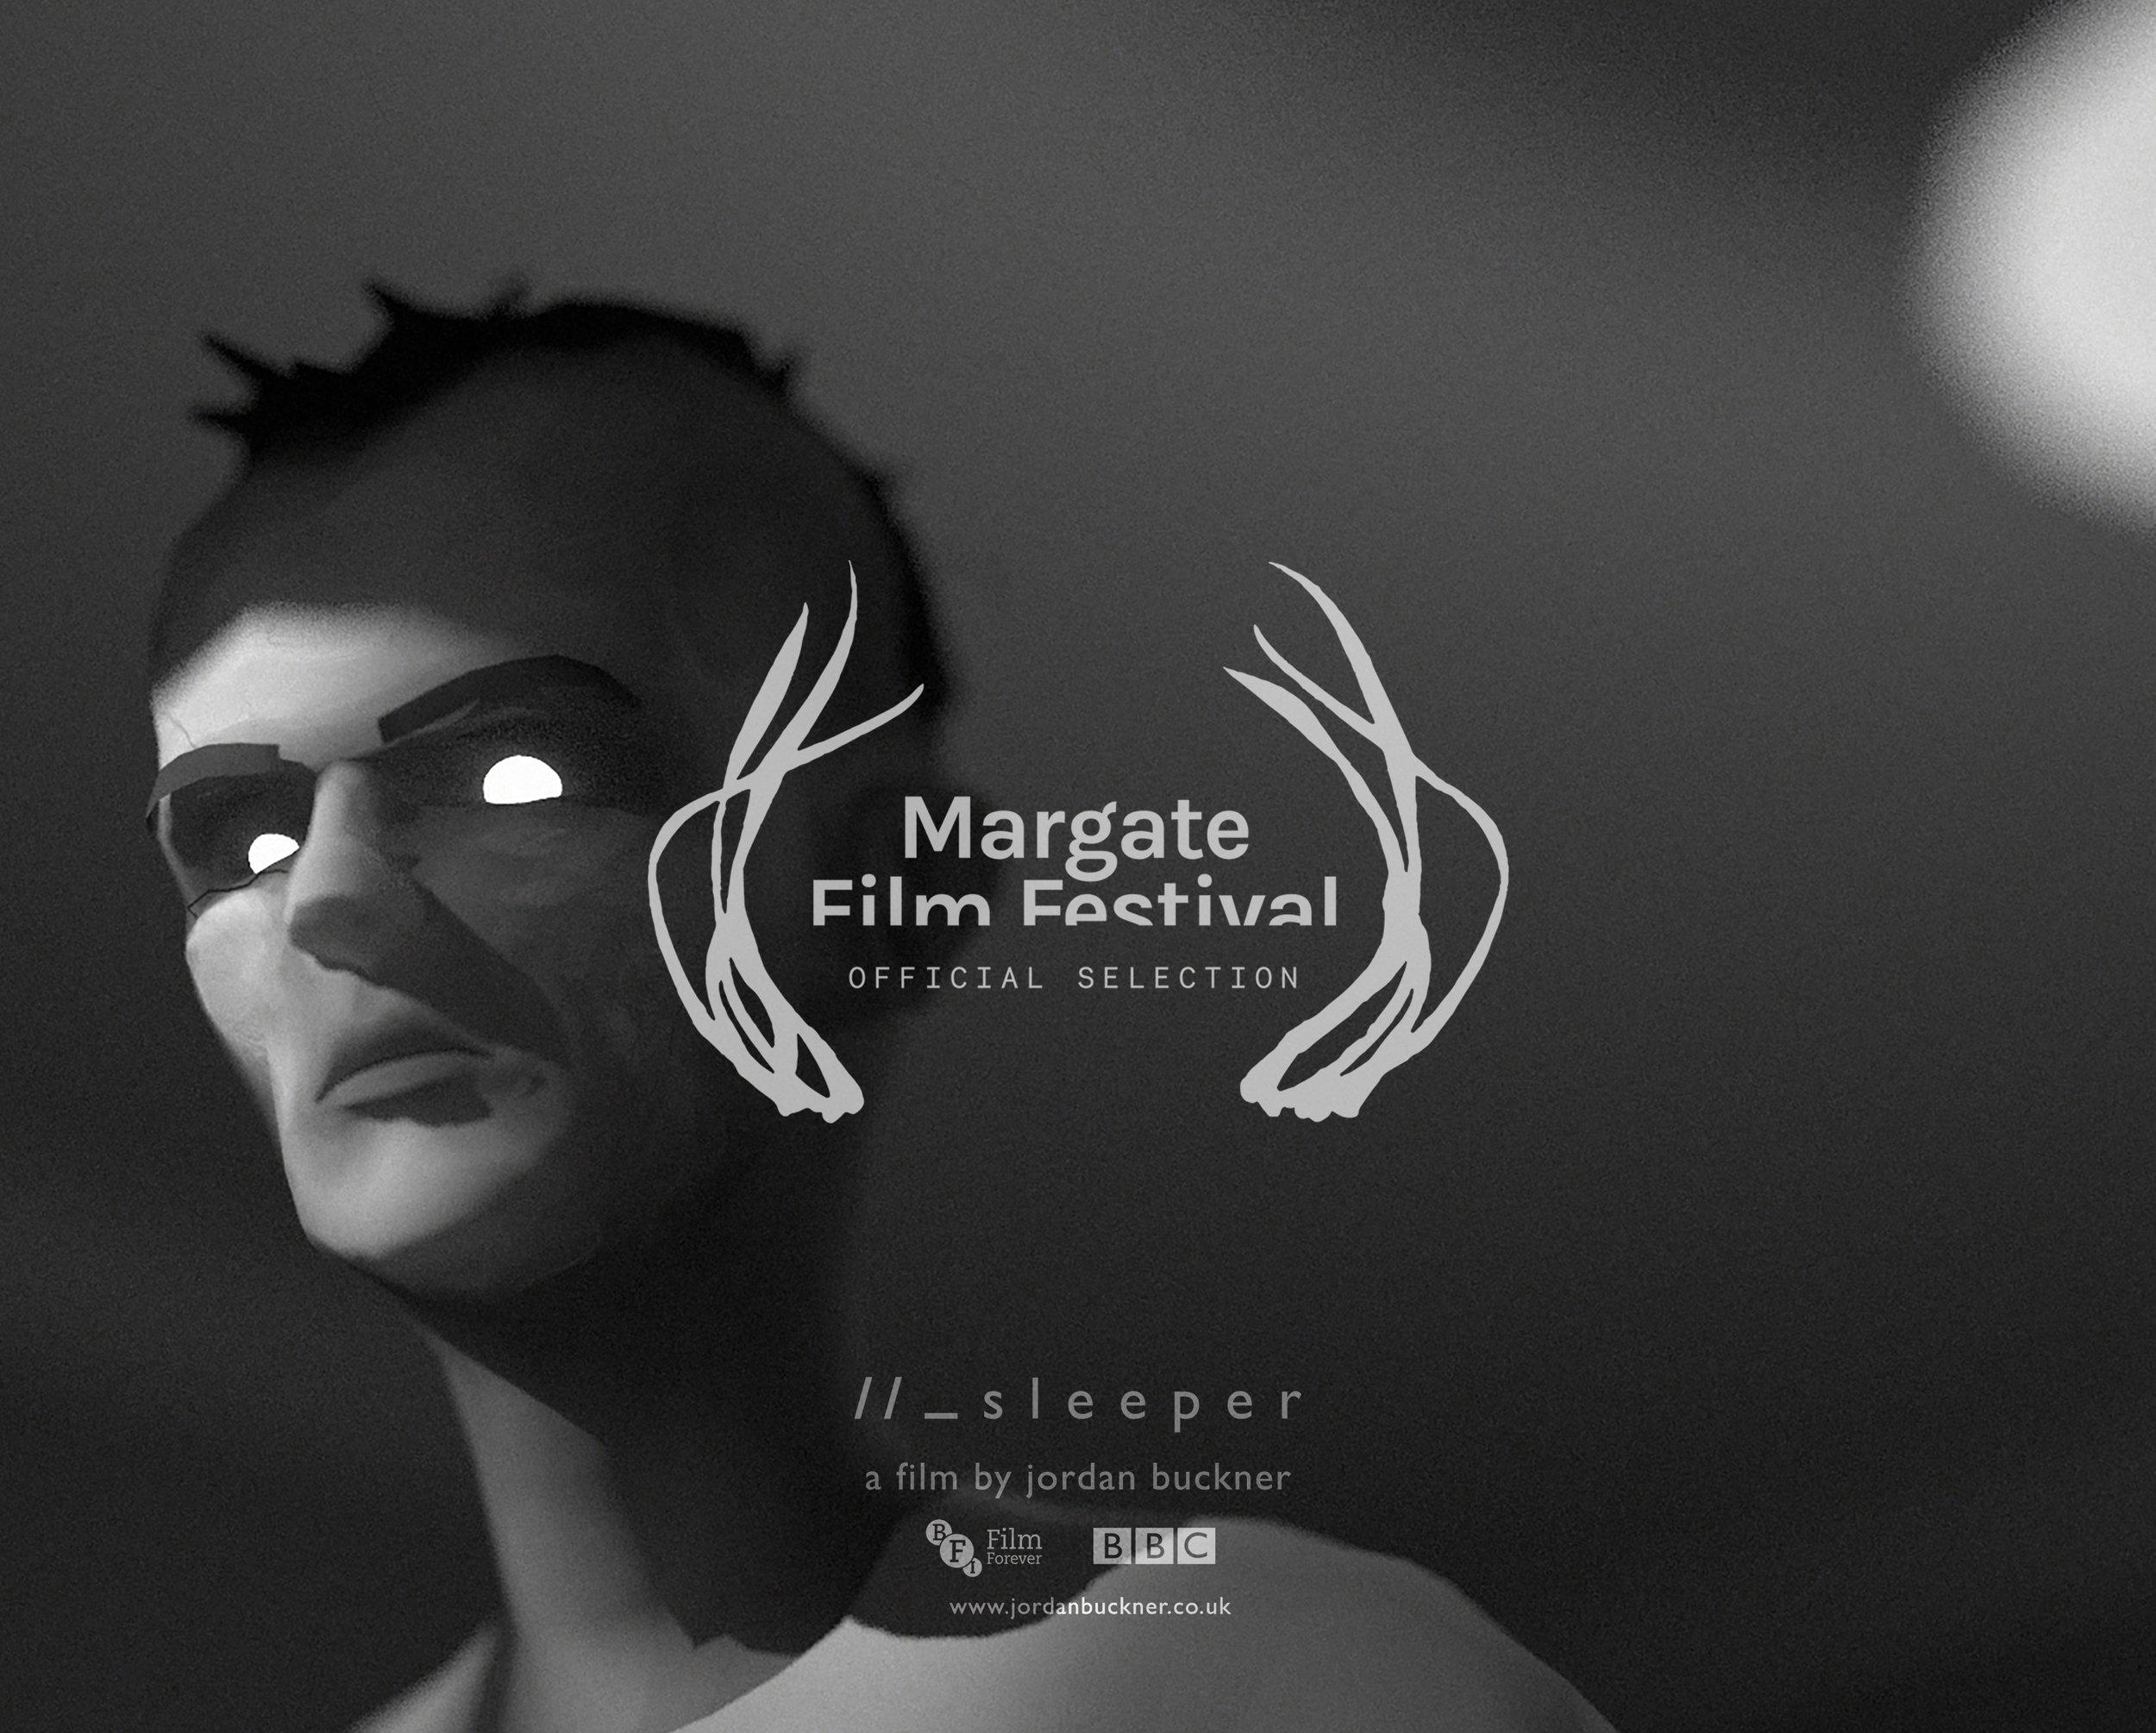 sleeper_margate_film_fest.jpg